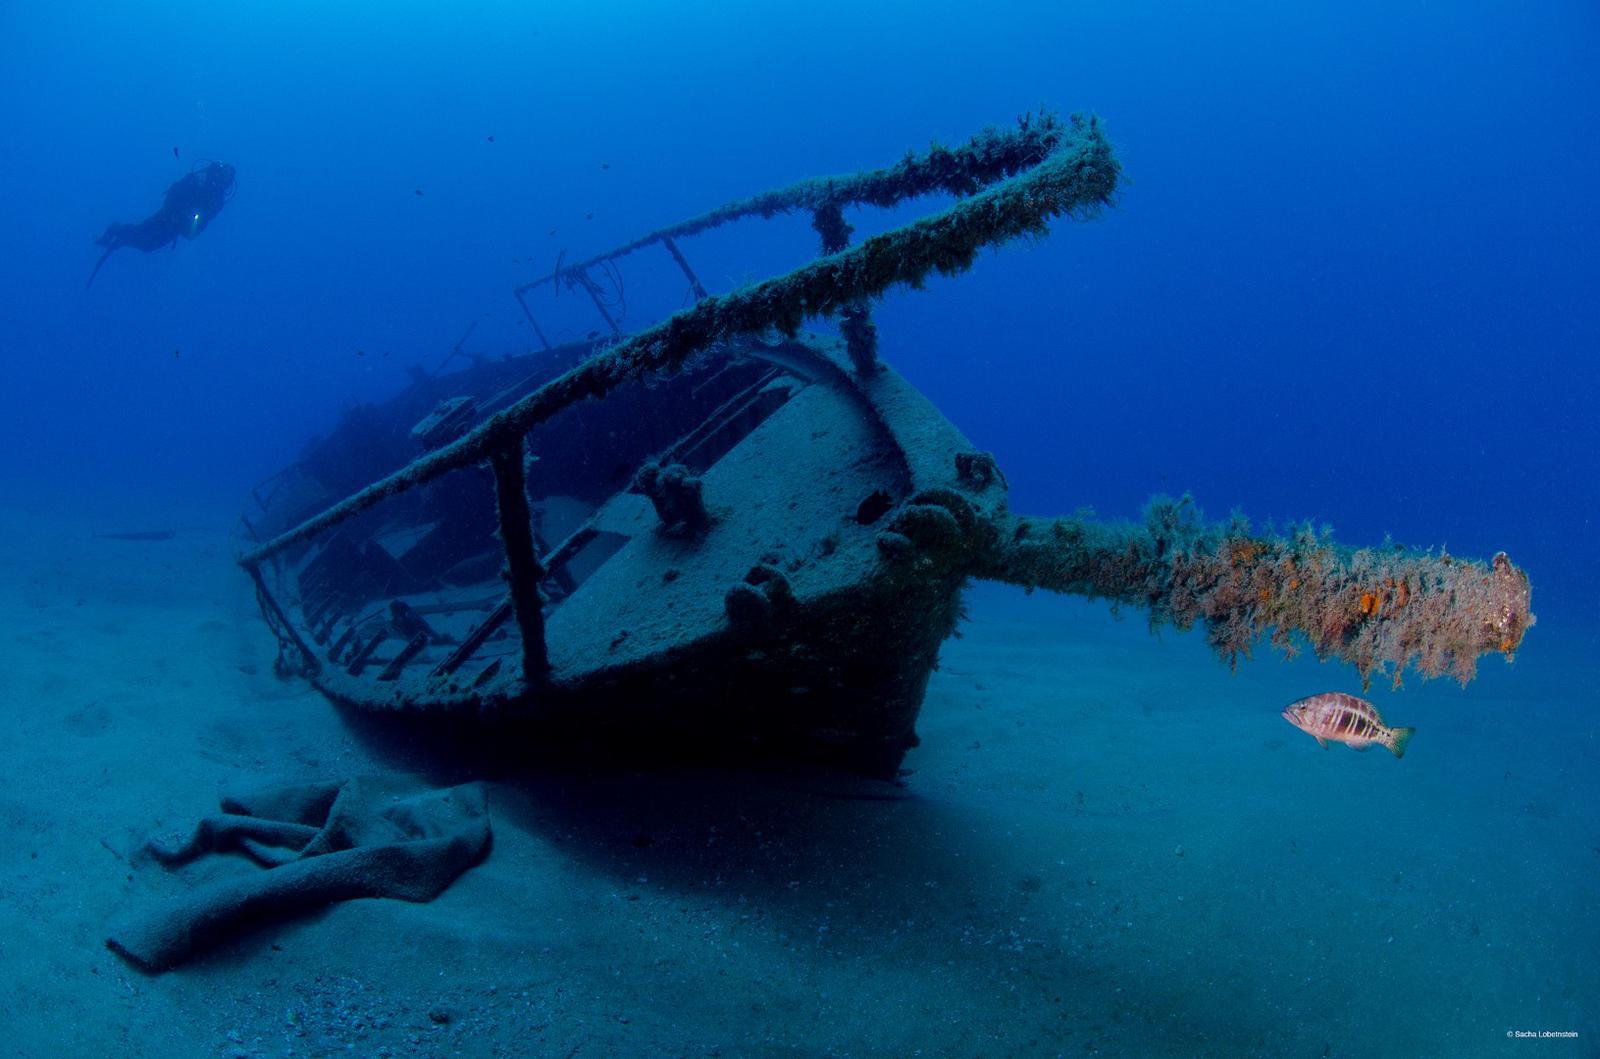 ¿Buscando el paraíso bajo el mar? Nada mejor que hacer snorkeling en el archipiélago canario, puedes encontrar pecios y especies marinas como la catalufa y algas marinas